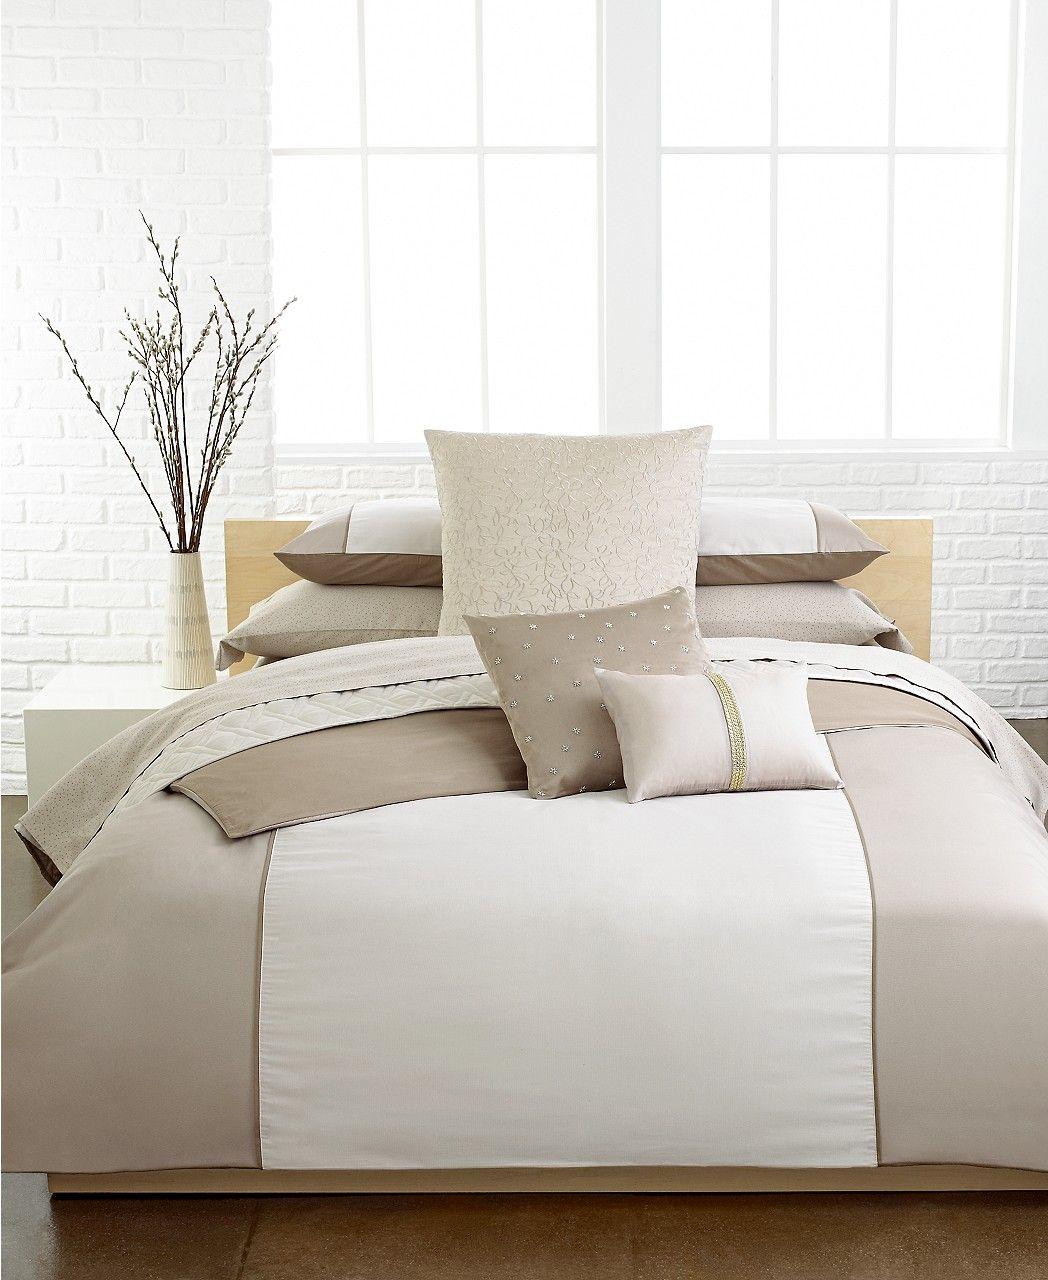 Calvin klein bedding collections macy 39 s bedding Calvin klein bedding